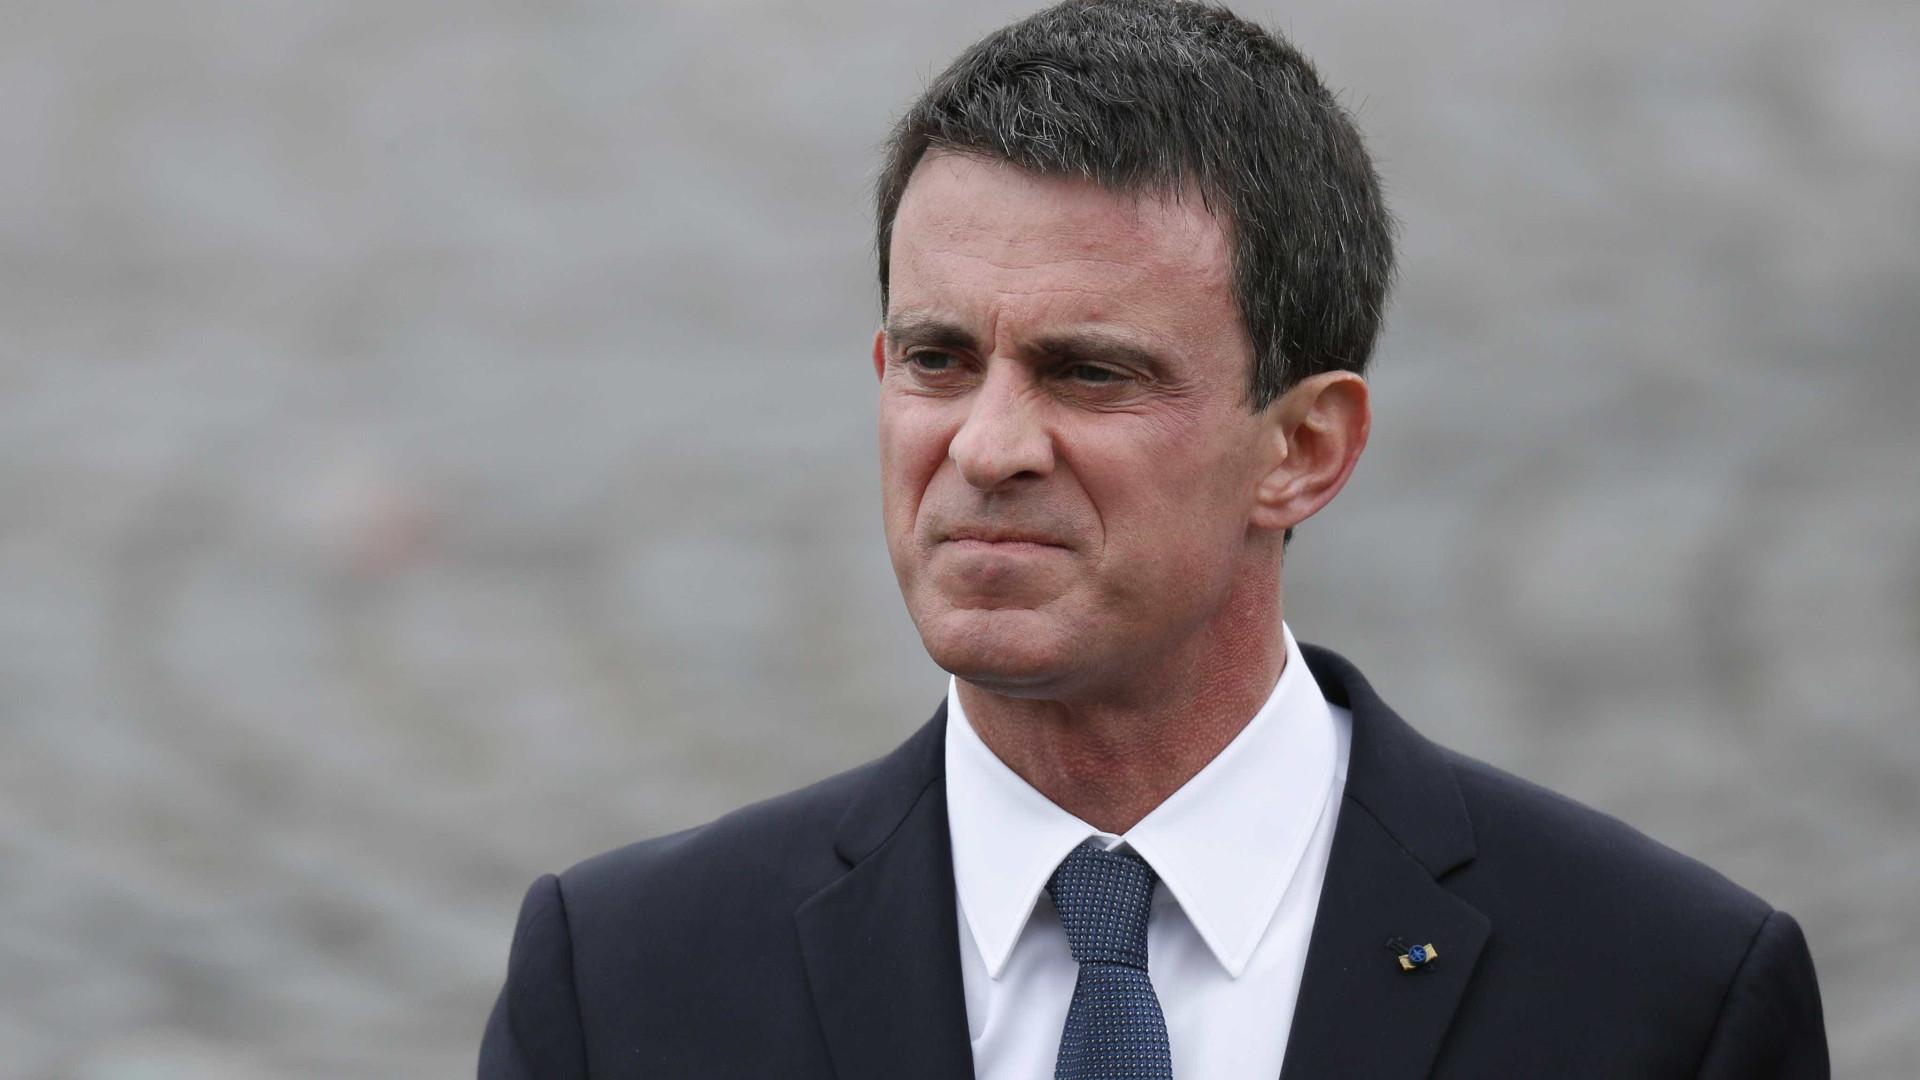 Valls vence por 139 votos, candidata da esquerda suspeita do resultado